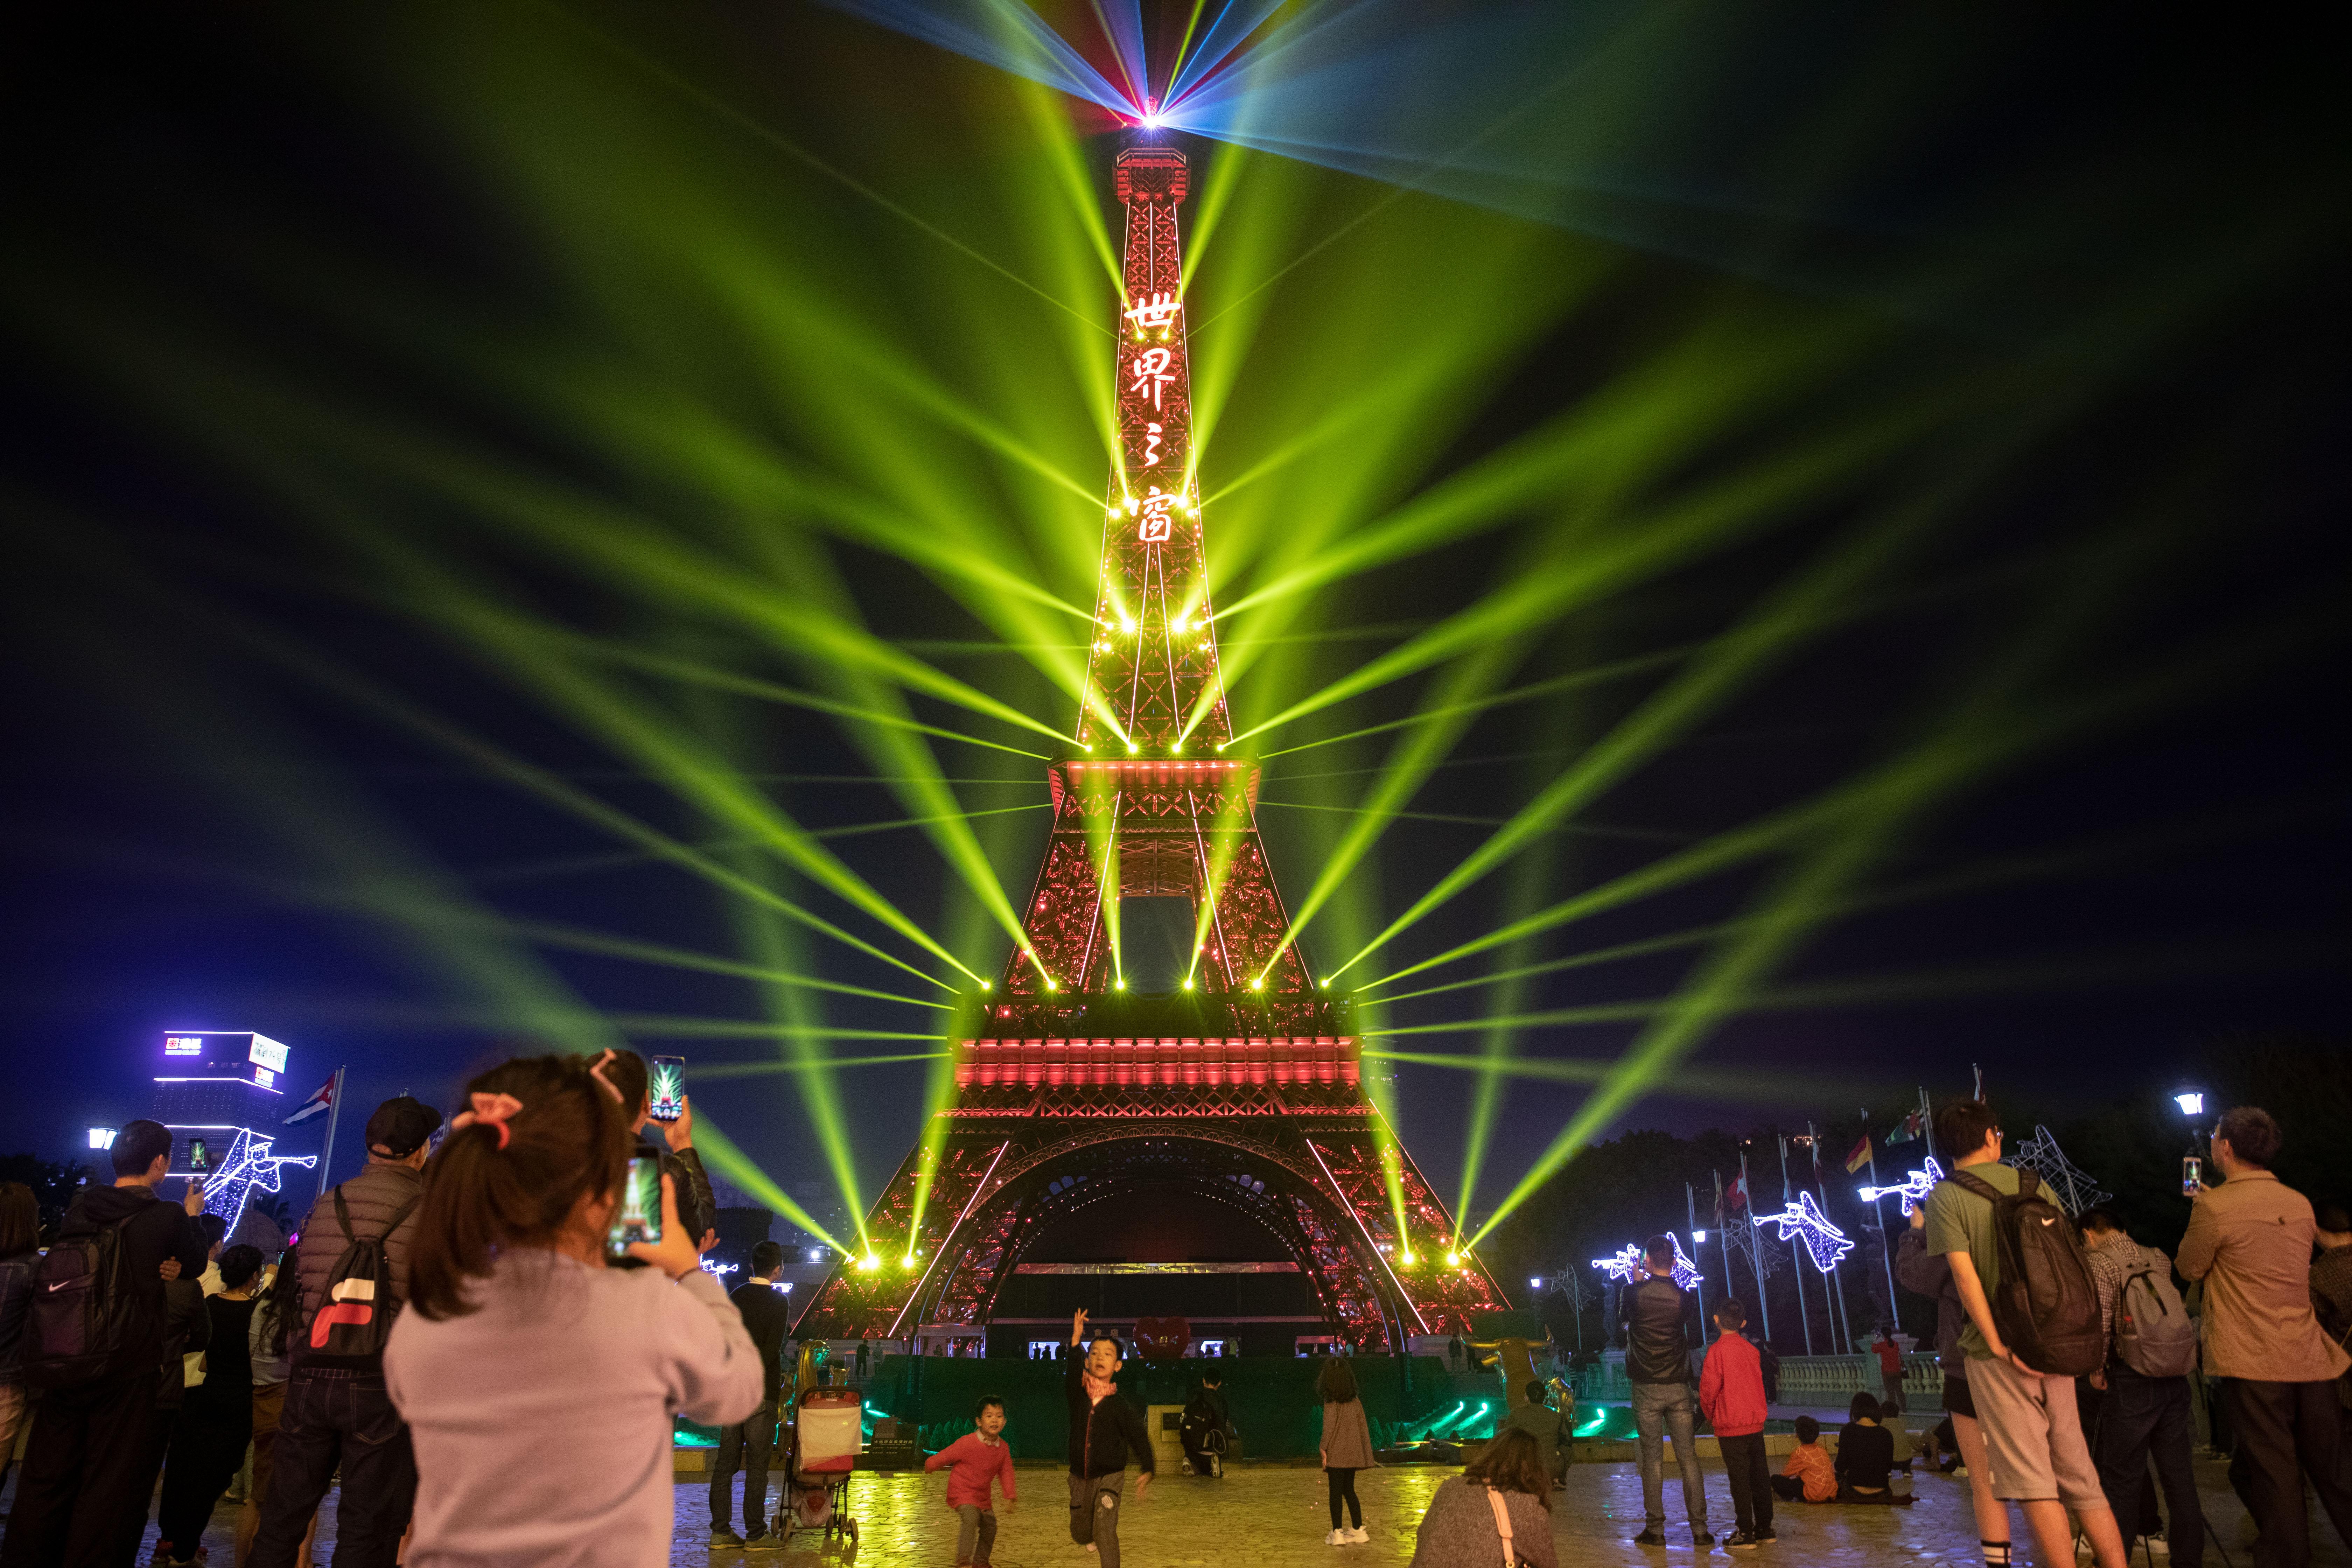 并在精致的空间结构与浮翠流丹的光影中进行灯光互动.